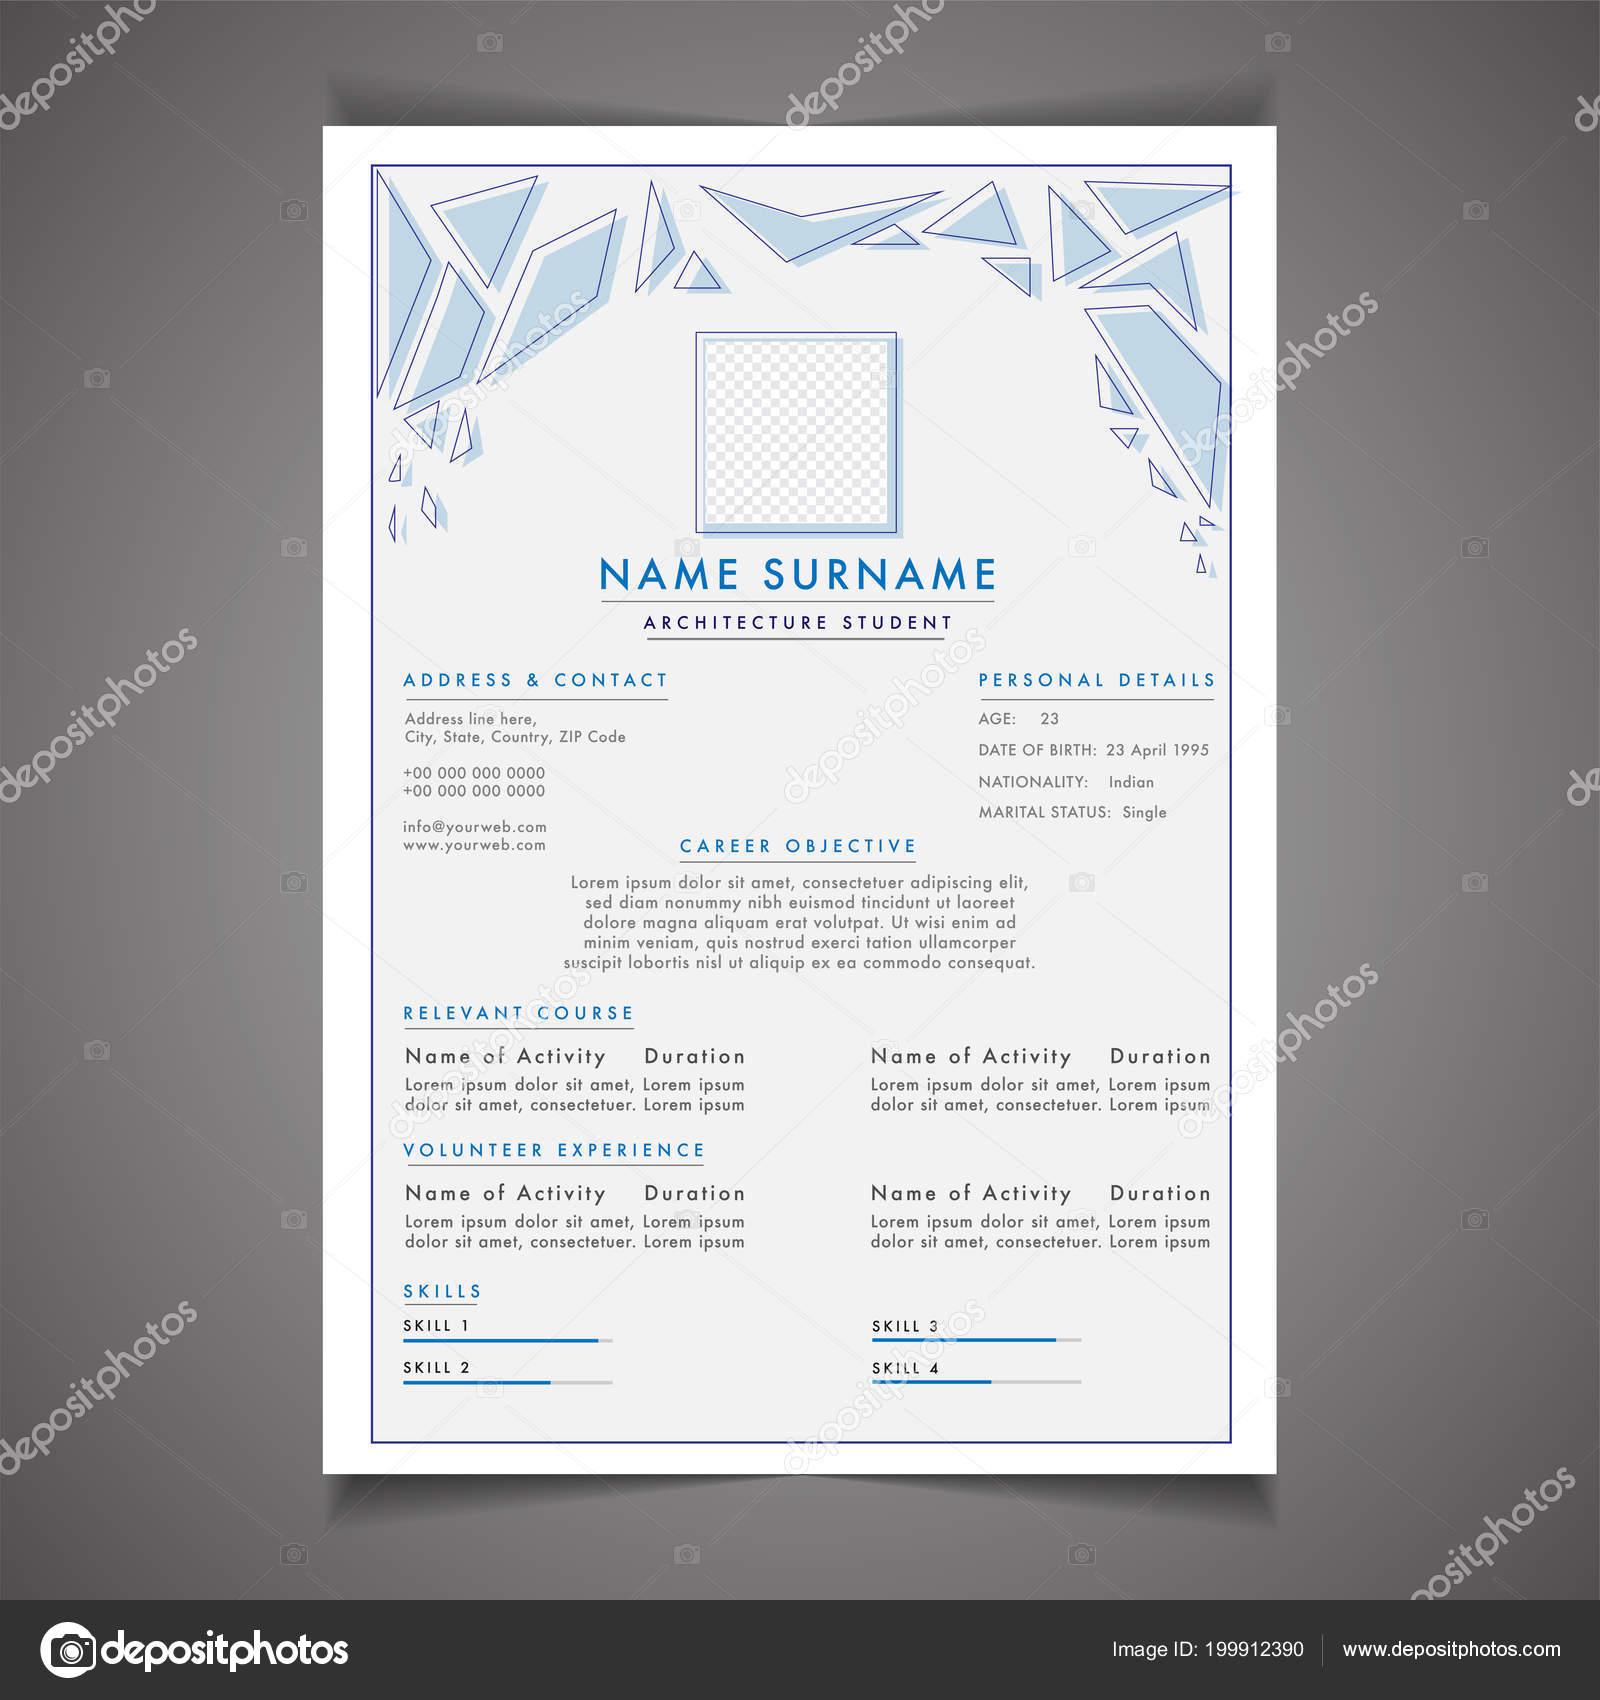 Scholarships Resume Template Design Letterhead Cover Letter ...